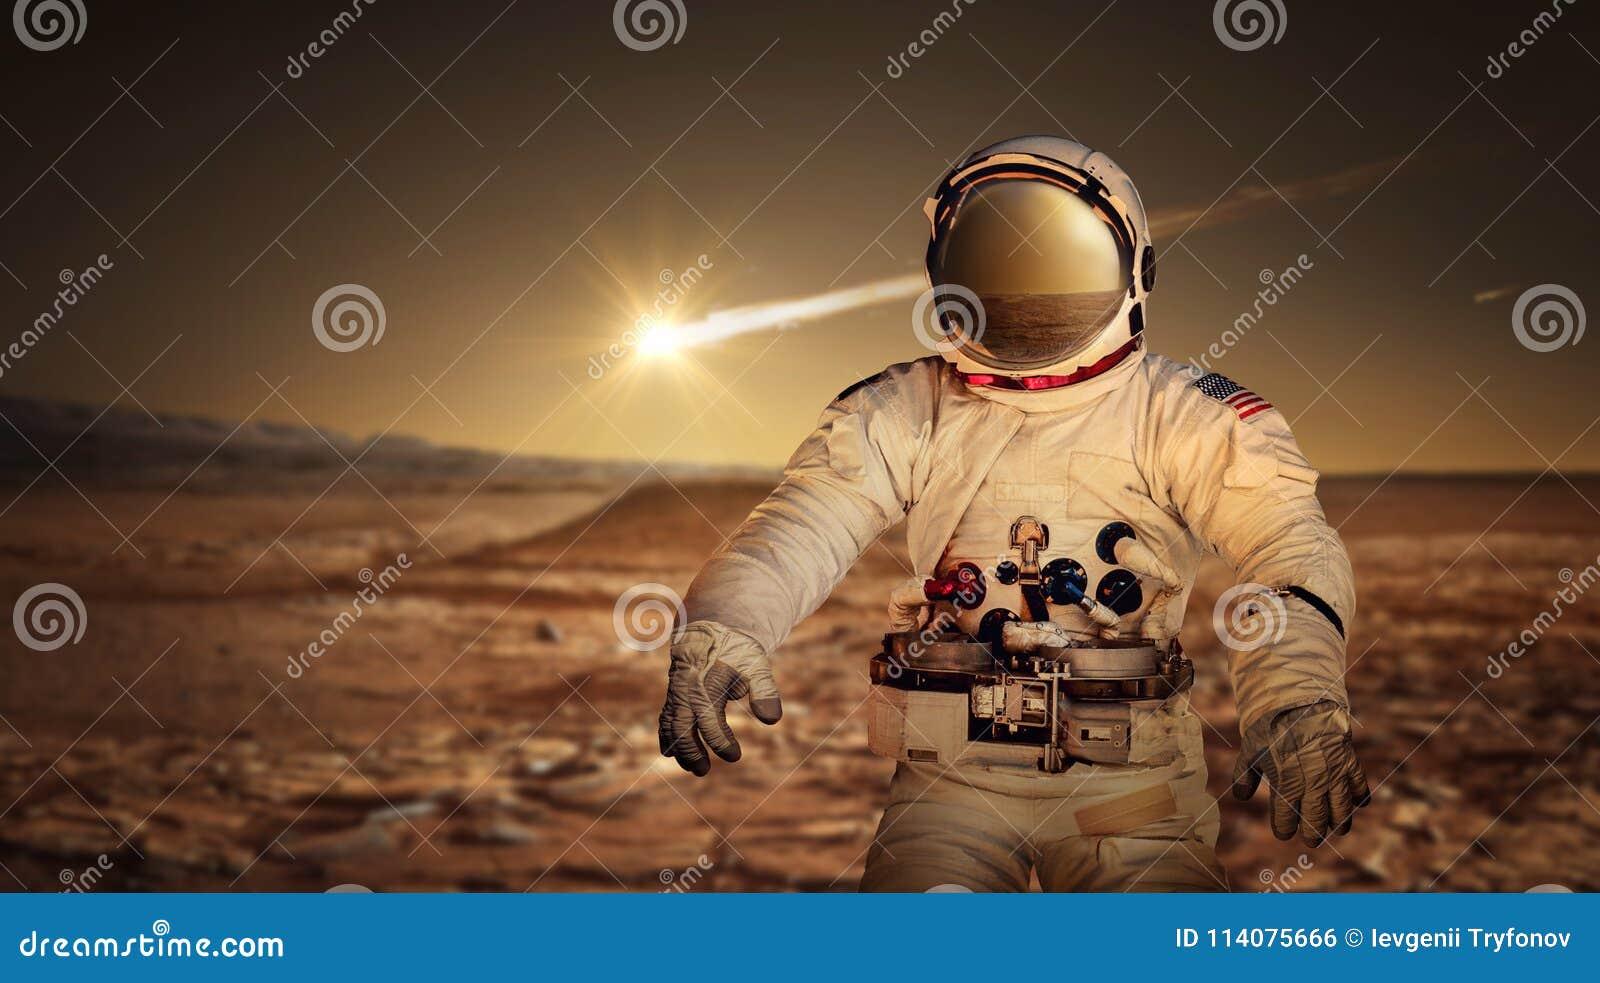 Astronauta que explora a superfície do planeta vermelho Marte